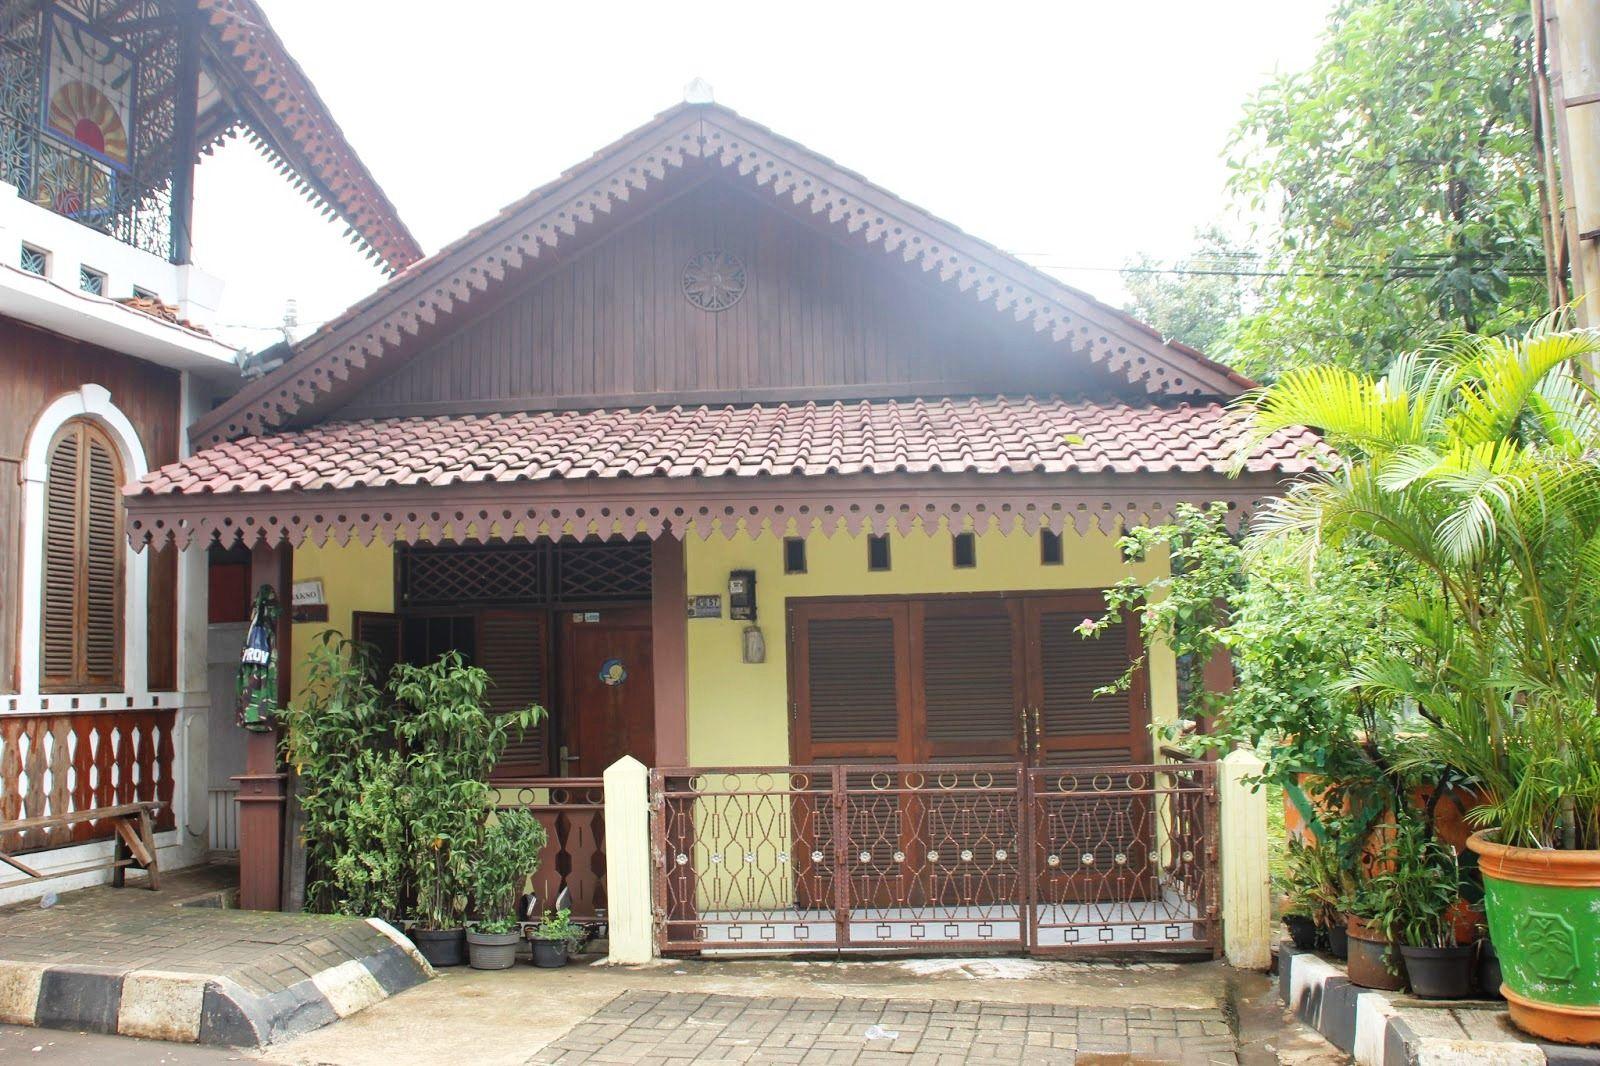 Cemerlang Desain Rumah Adat 90an 83 Renovasi Ide Desain Interior Untuk Desain Rumah oleh Desain Rumah Adat 90an